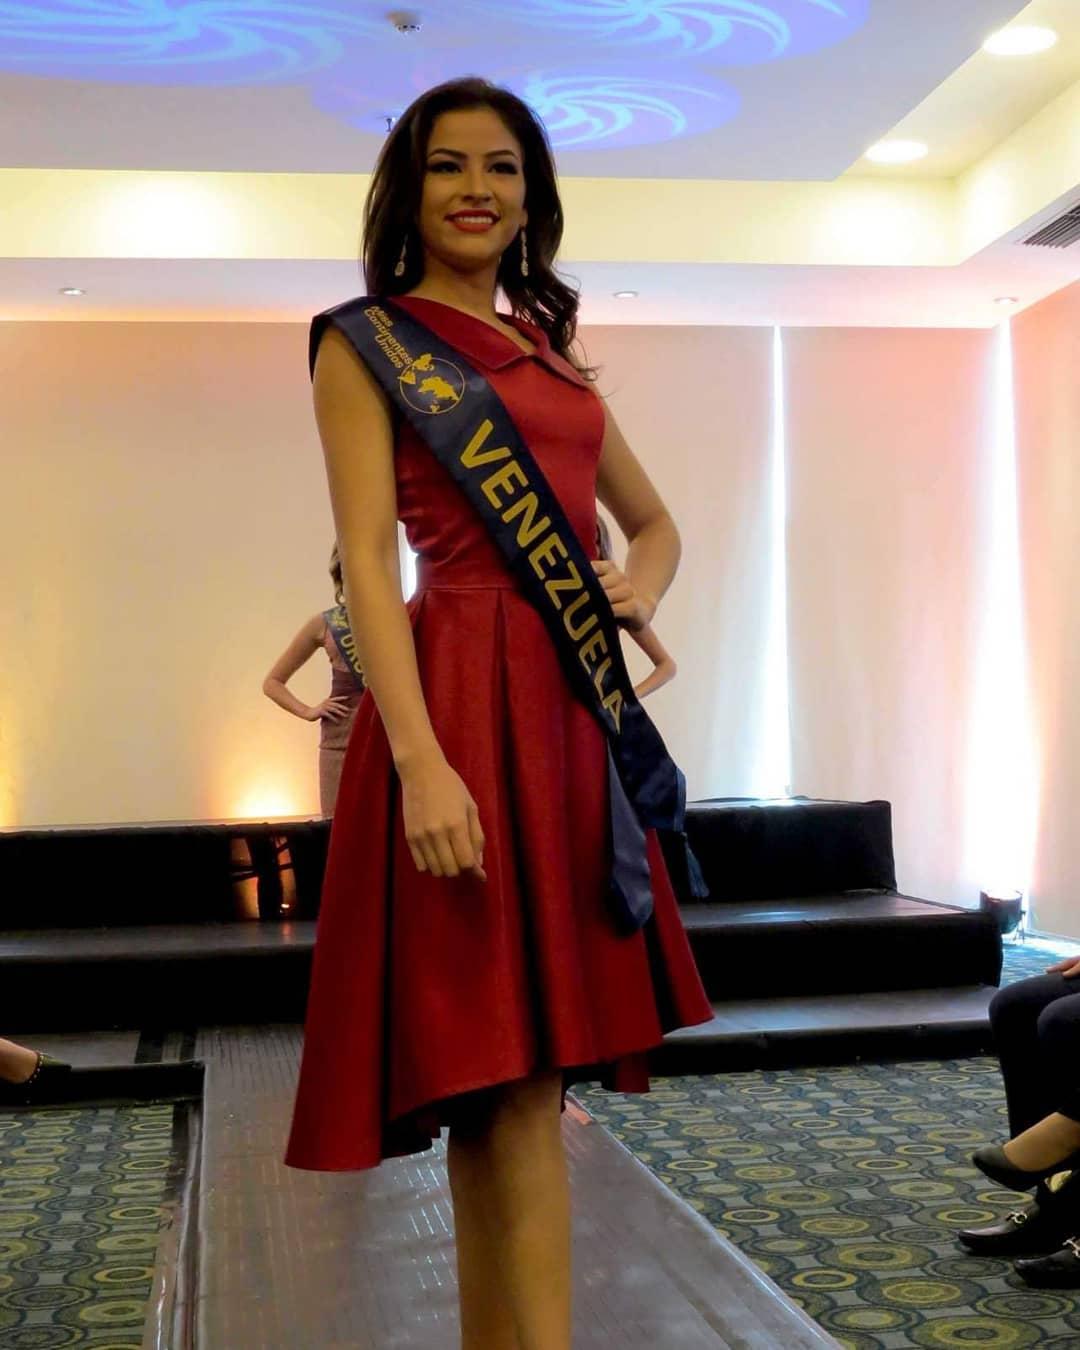 lolimar perez, miss venezuela continentes unidos 2018. - Página 2 40260910